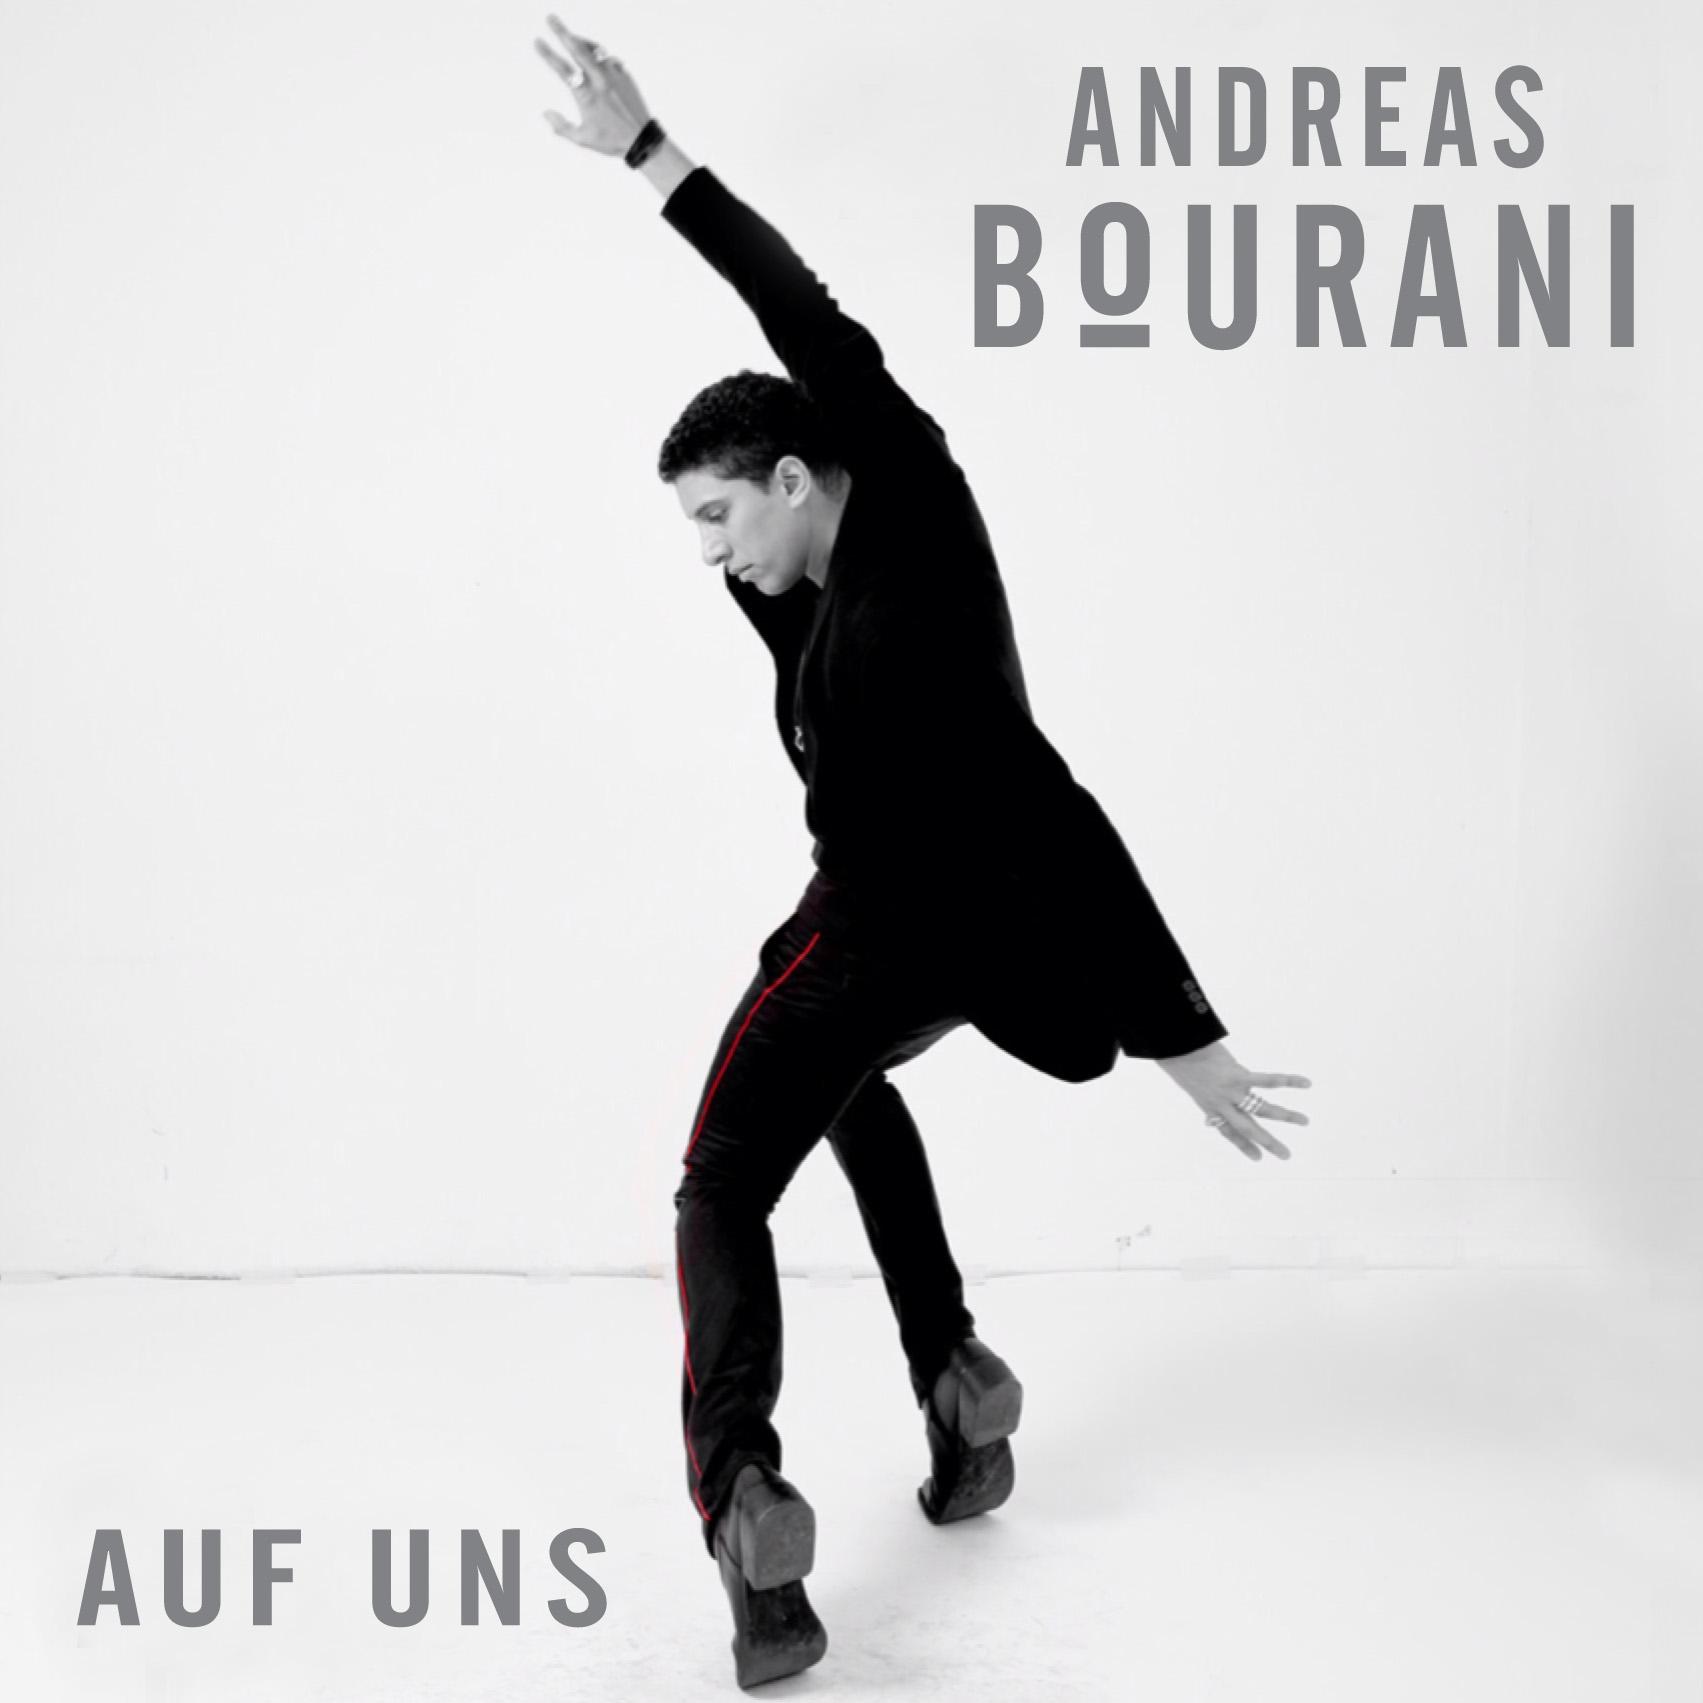 Cover: ANDREAS BOURANI, AUF UNS